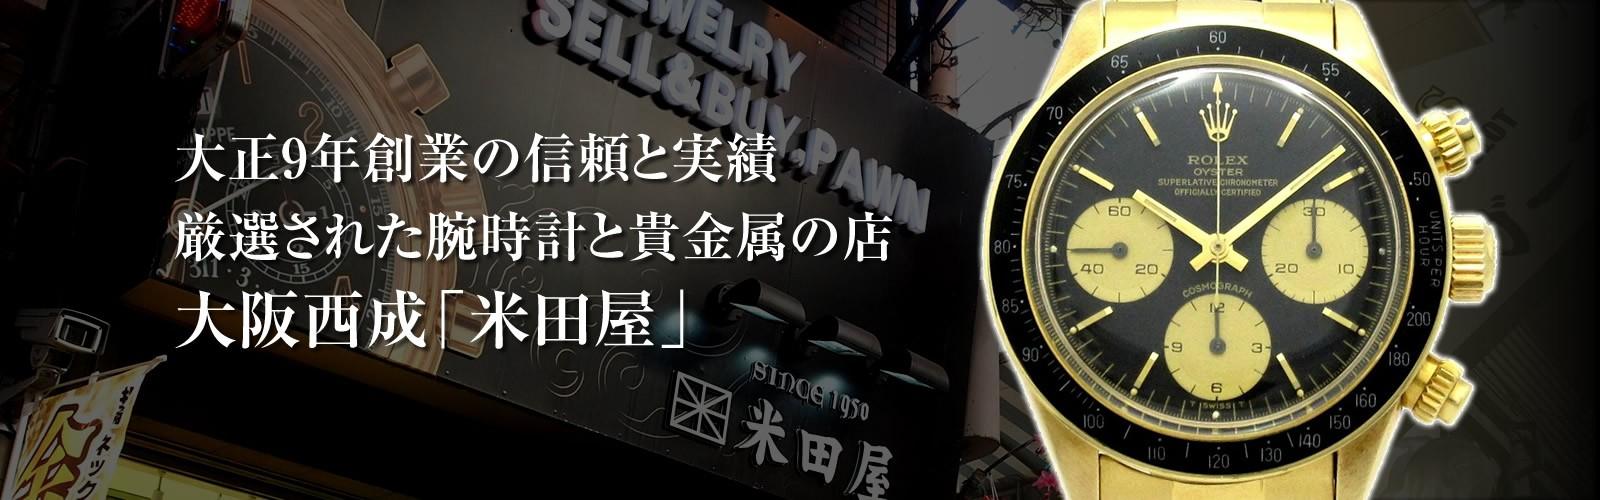 大阪西成のロレックス・アンティーク腕時計 米田屋